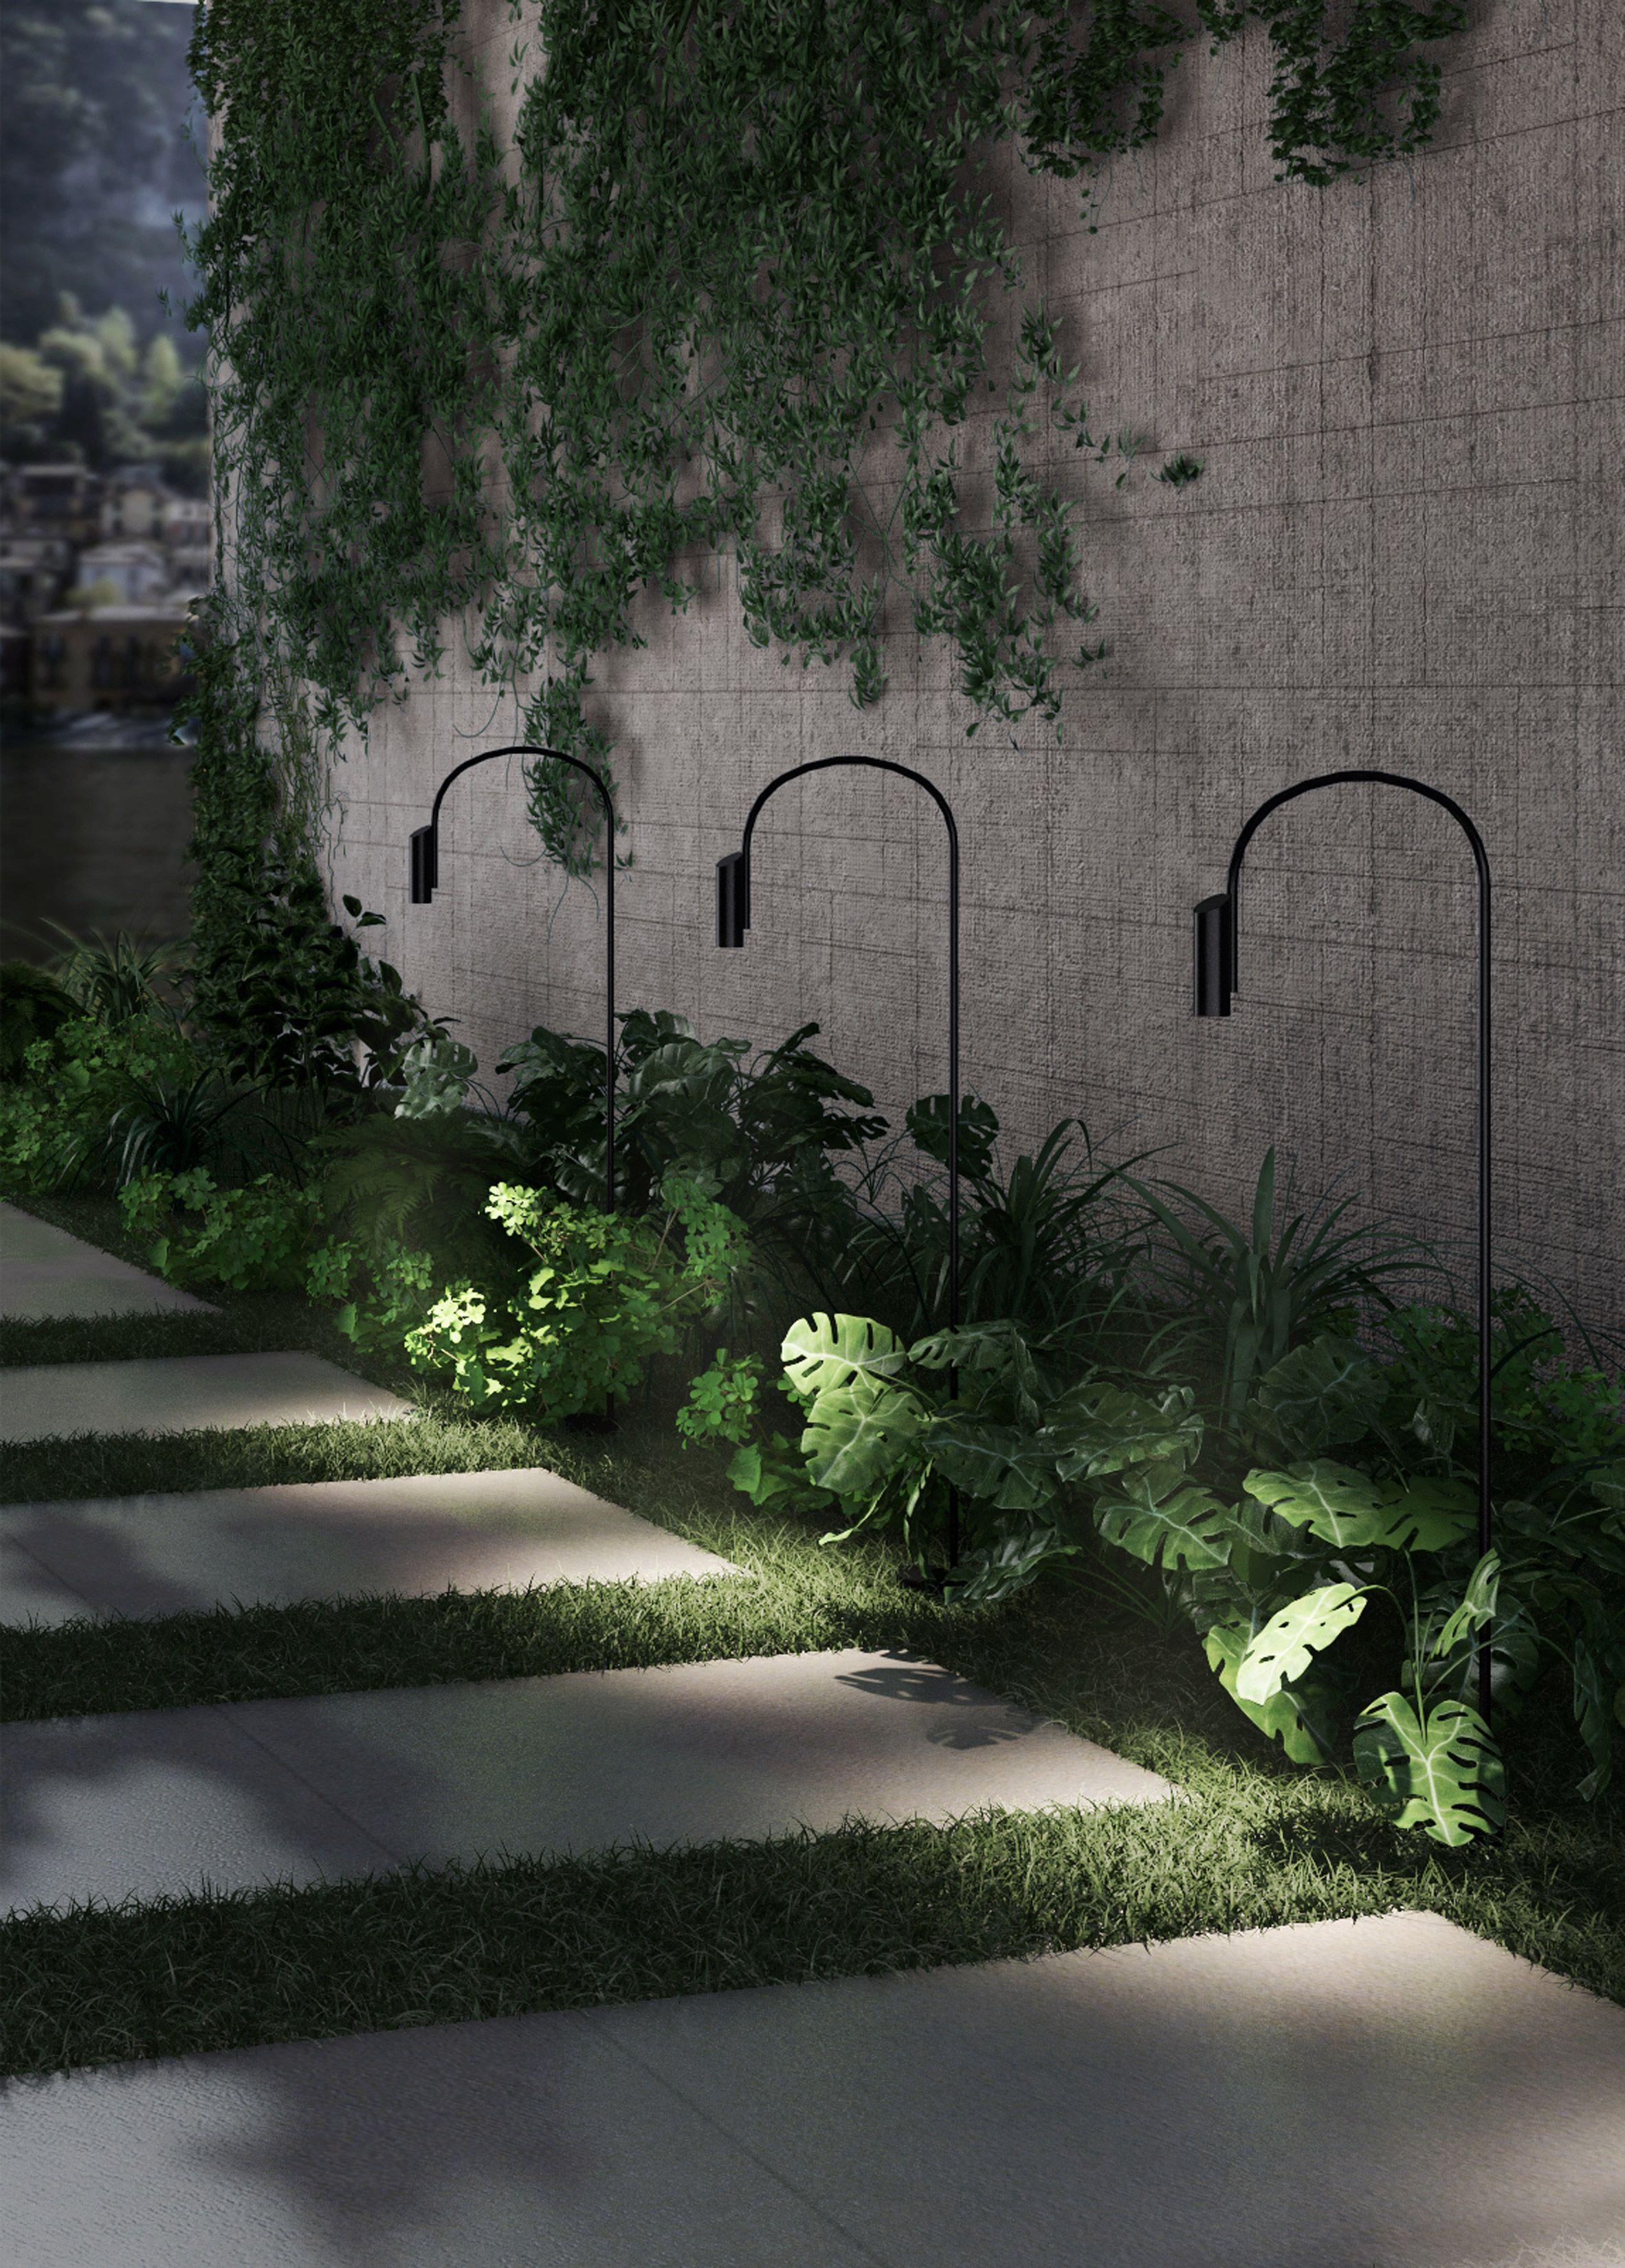 Modern Pathway Lighting Fixtures Outdoor Pathway Lighting Modern Landscaping Outdoor Pathway Lighting Landscape Design